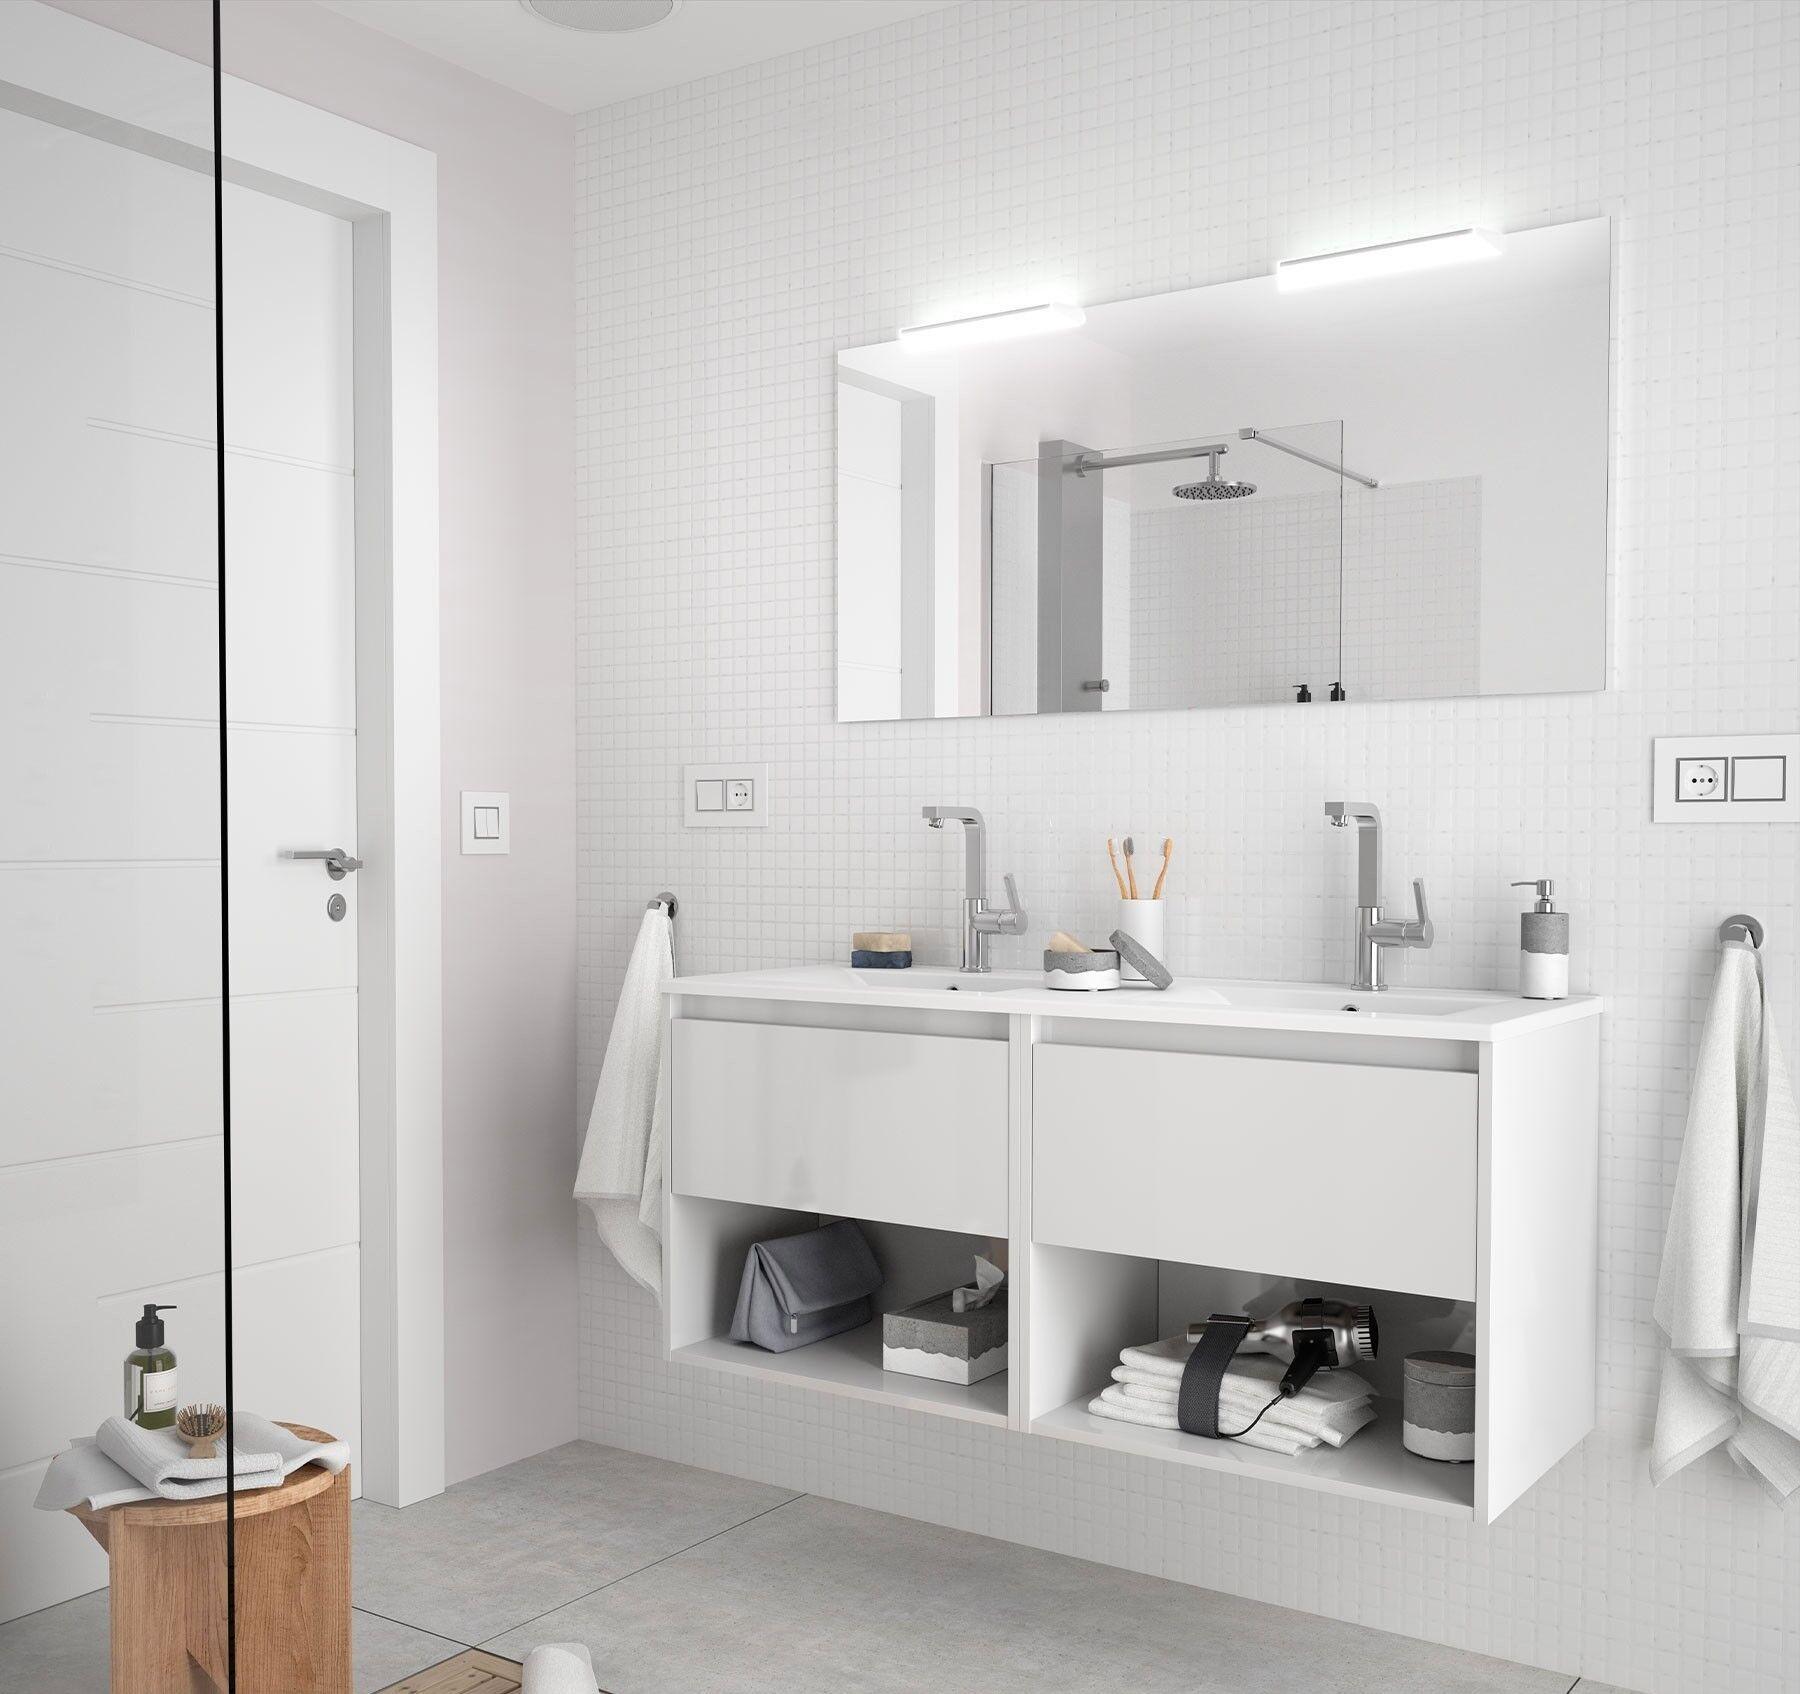 CAESAROO Meuble de salle de bain suspendu 120 cm Blanc brillant avec deux tiroirs et deux espaces   Avec miroir, double colonne et double lampe LED